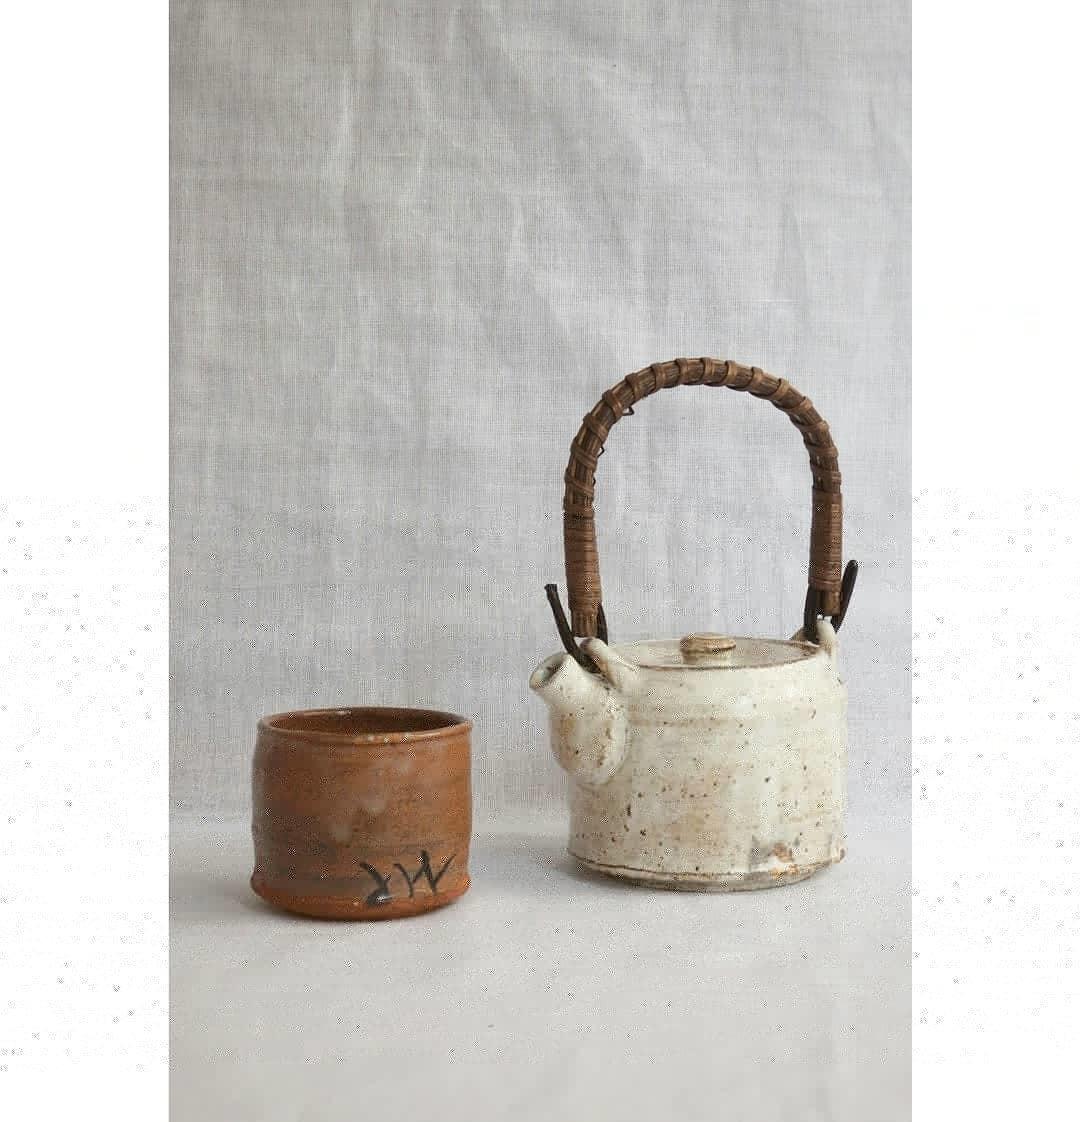 塩鶴るりこさんの陶展 - 食の記憶 - 4_f0351305_21305357.jpg